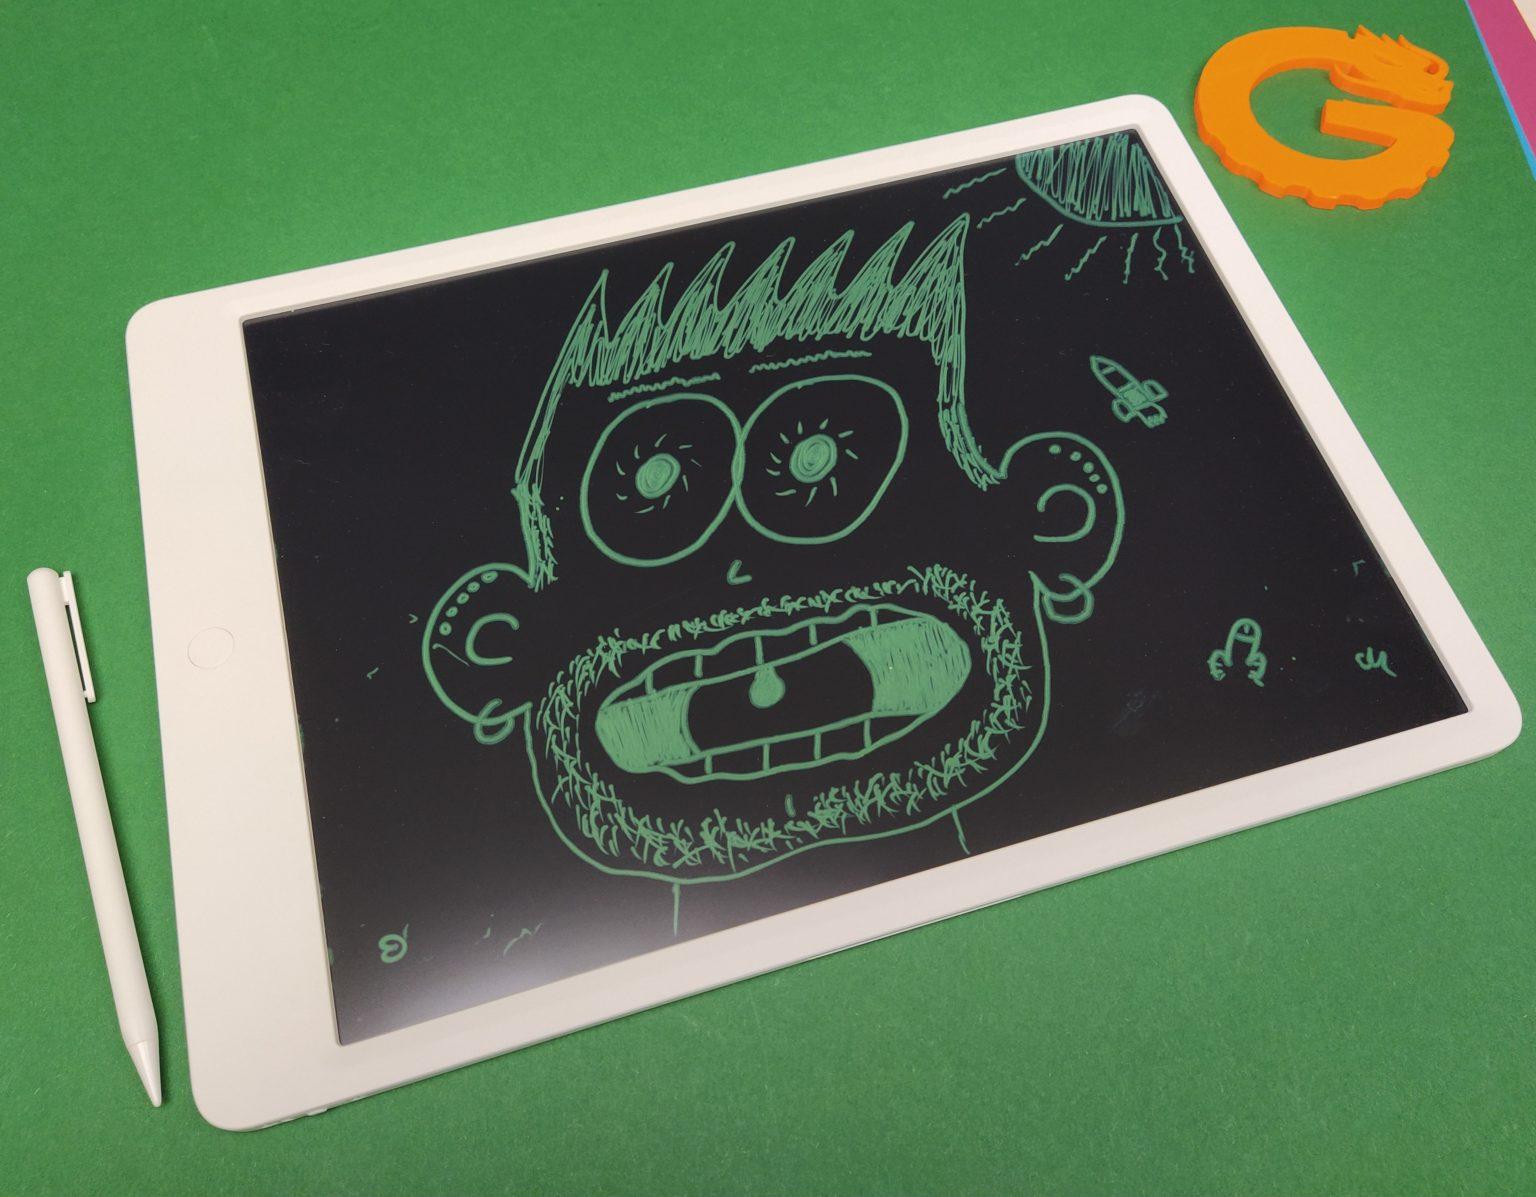 Retrato hecho con la tablet gráfica LCD de Xiaomi Mijia